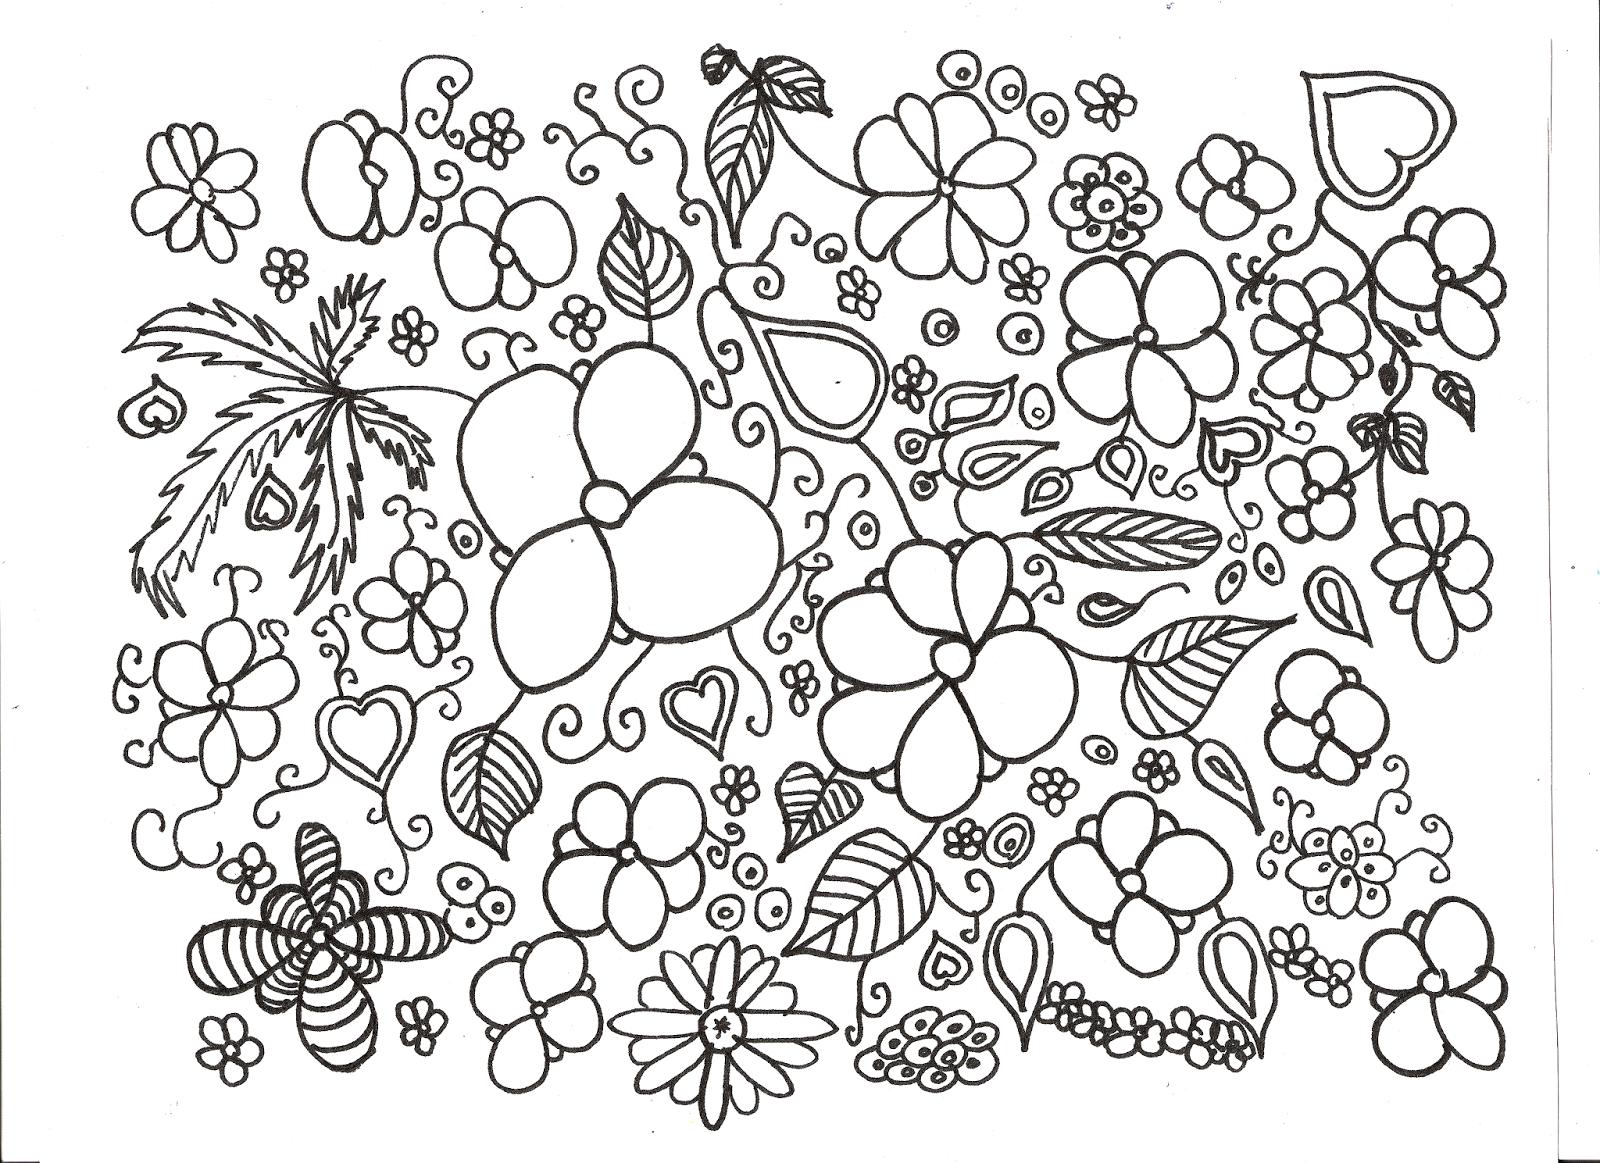 Coloriage De Fleur A Imprimer Pour Adulte | Liberate dedans Coloriage Magique Pour Adulte